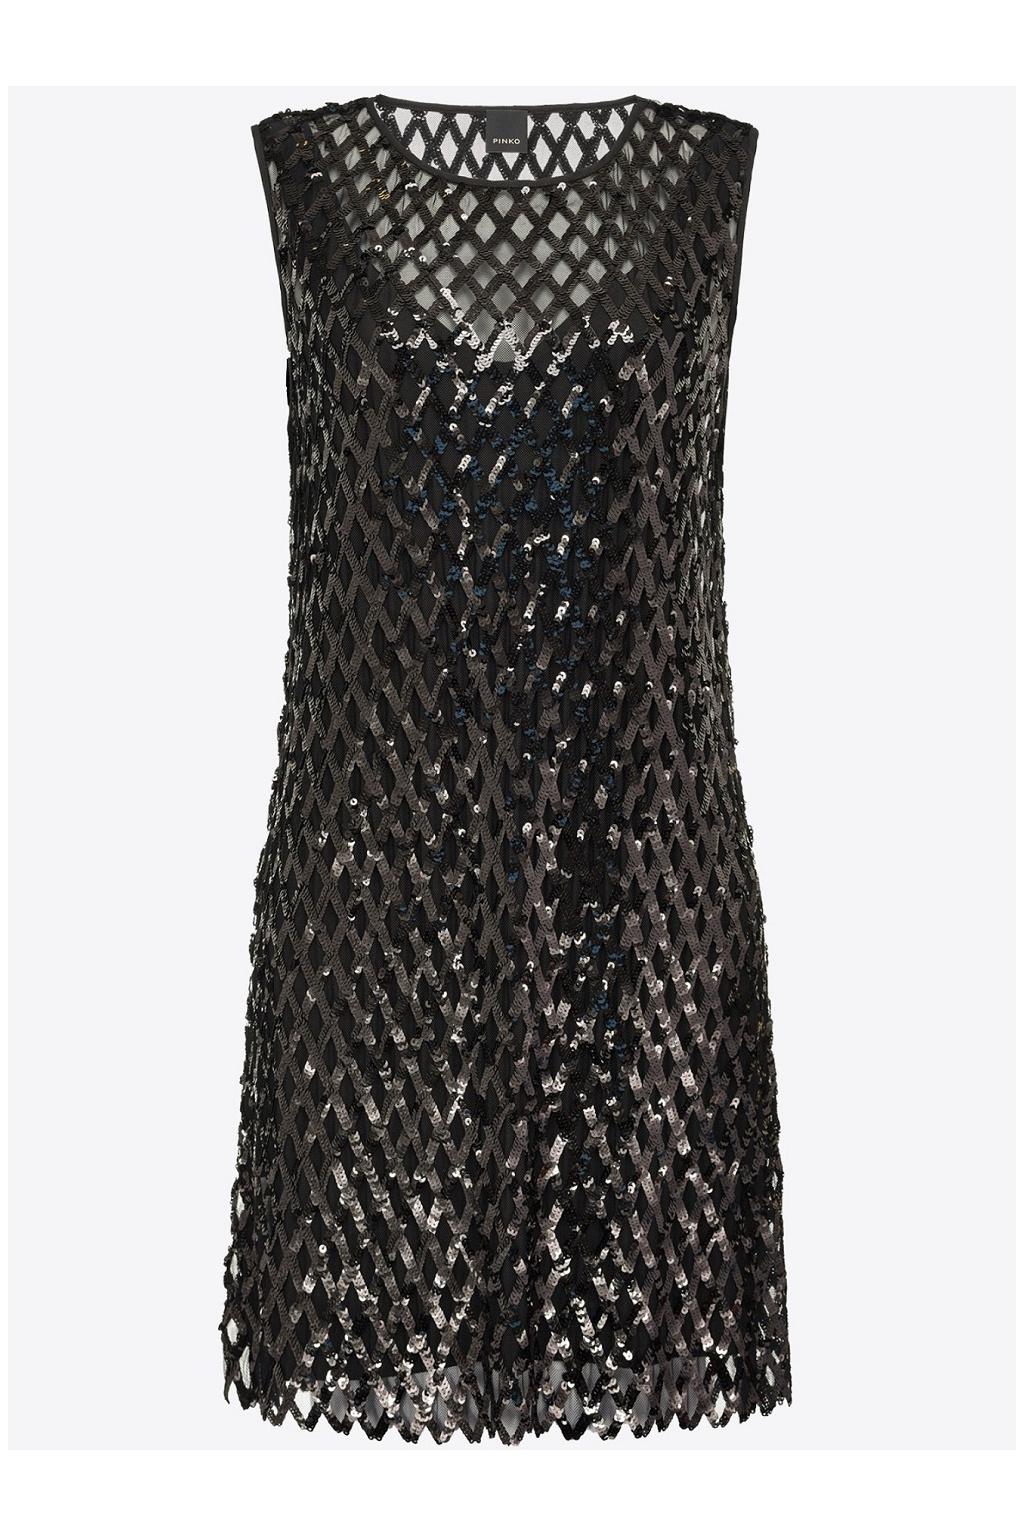 Dámské šaty Pinko Rafaelas černé